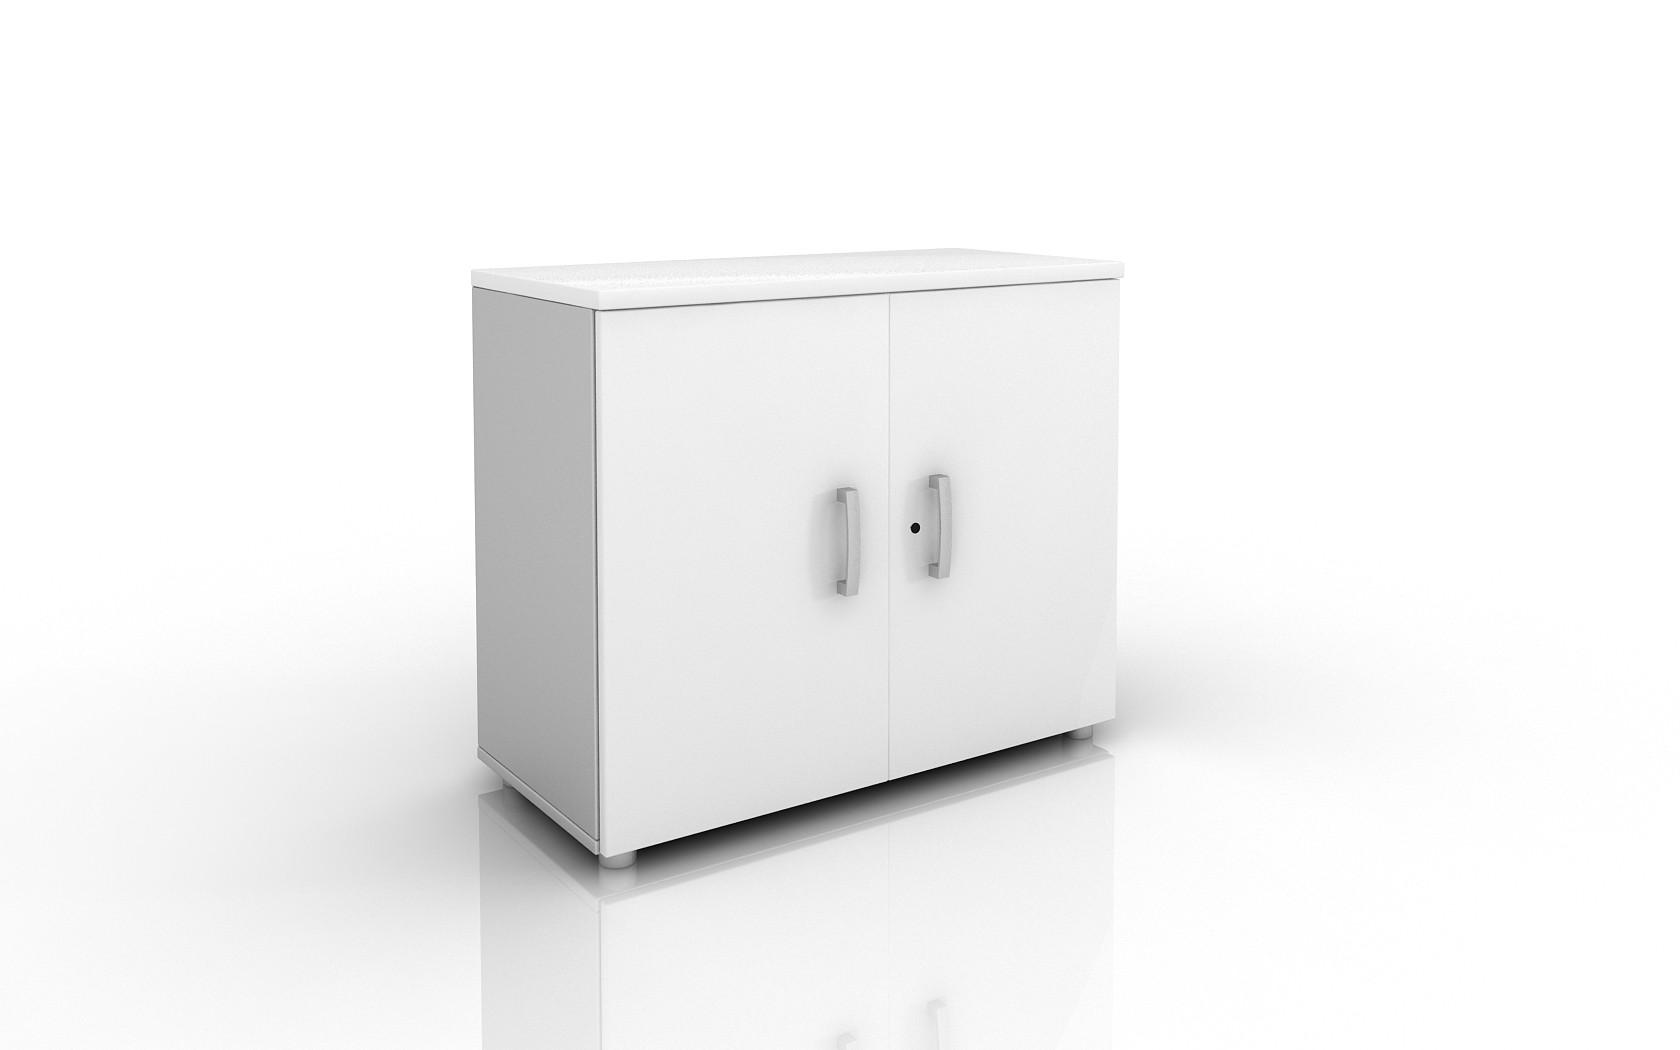 armoire de classement accessoires meuble et armoire de mobilier in meuble trieur document with. Black Bedroom Furniture Sets. Home Design Ideas